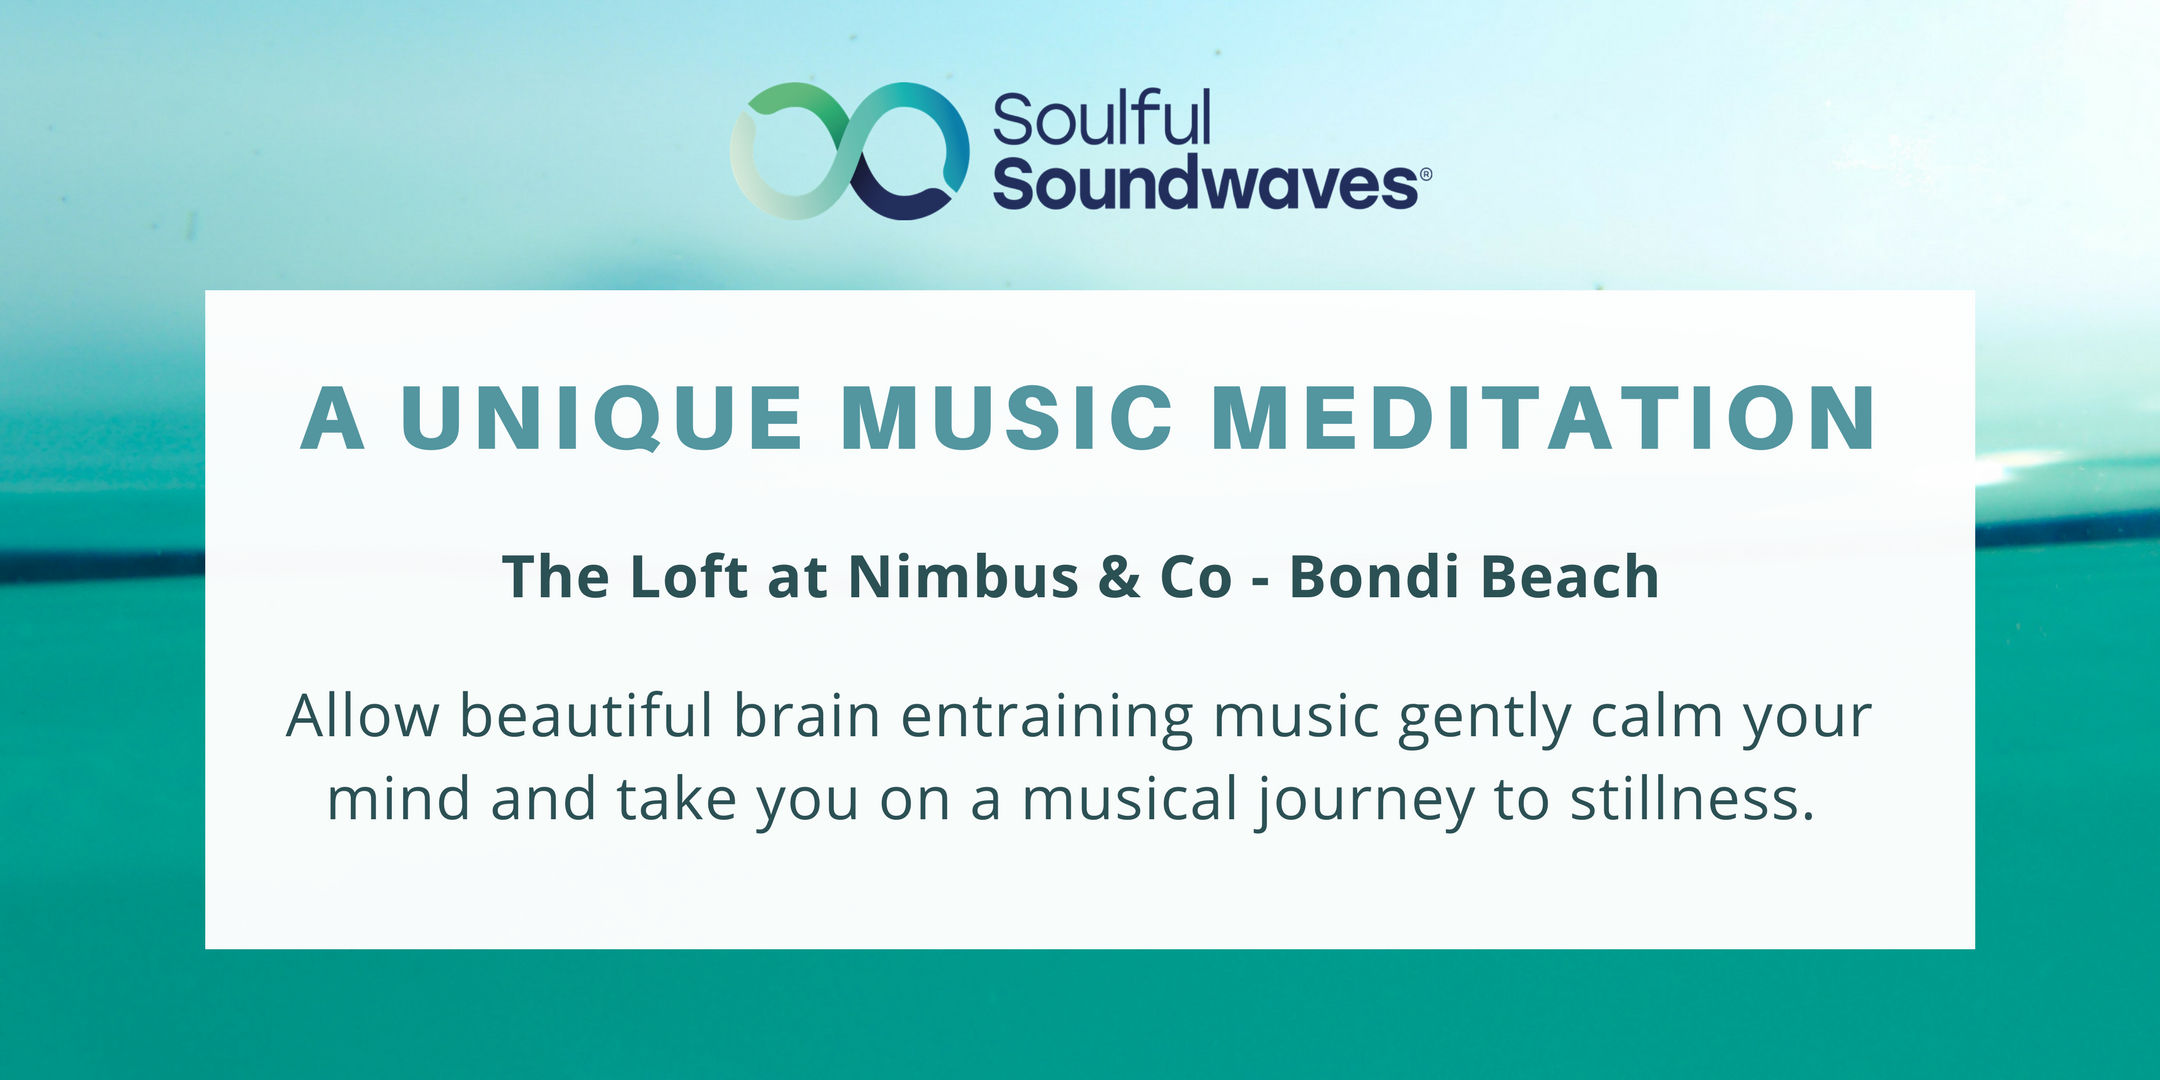 A unique music meditation